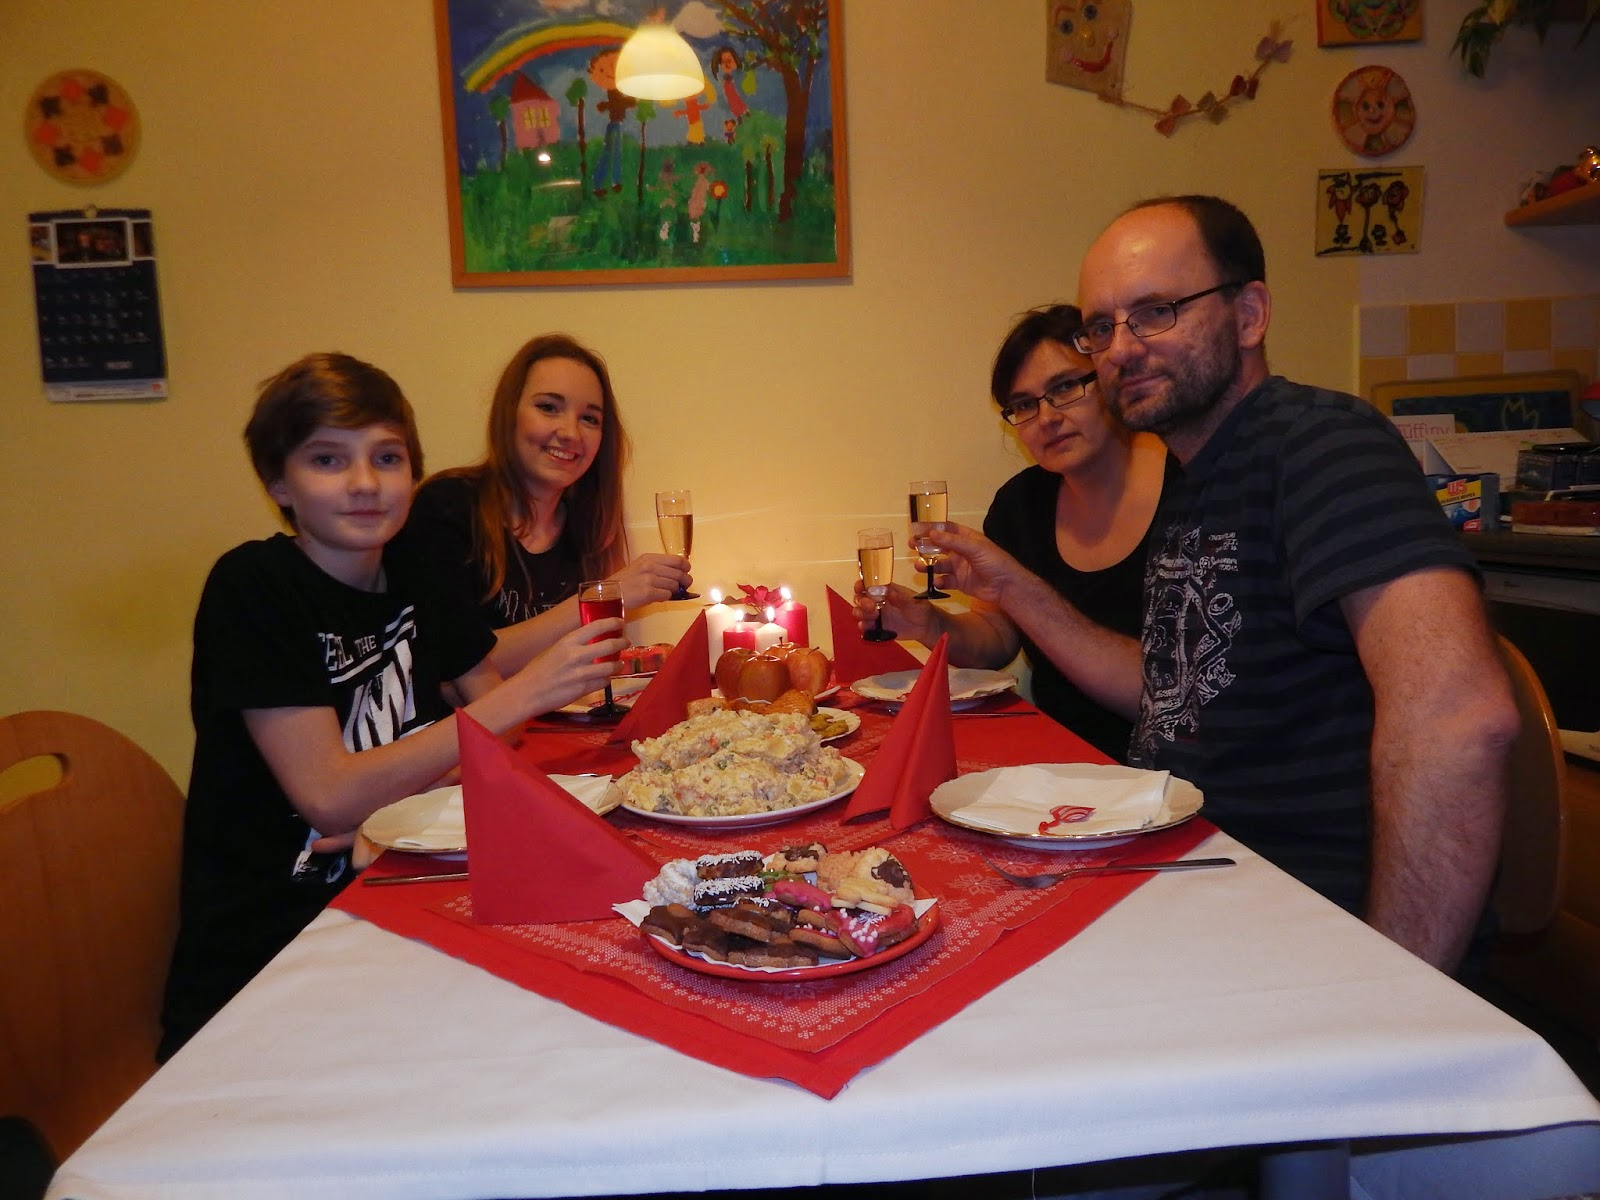 Rodinná fotka ze Štědrého dne